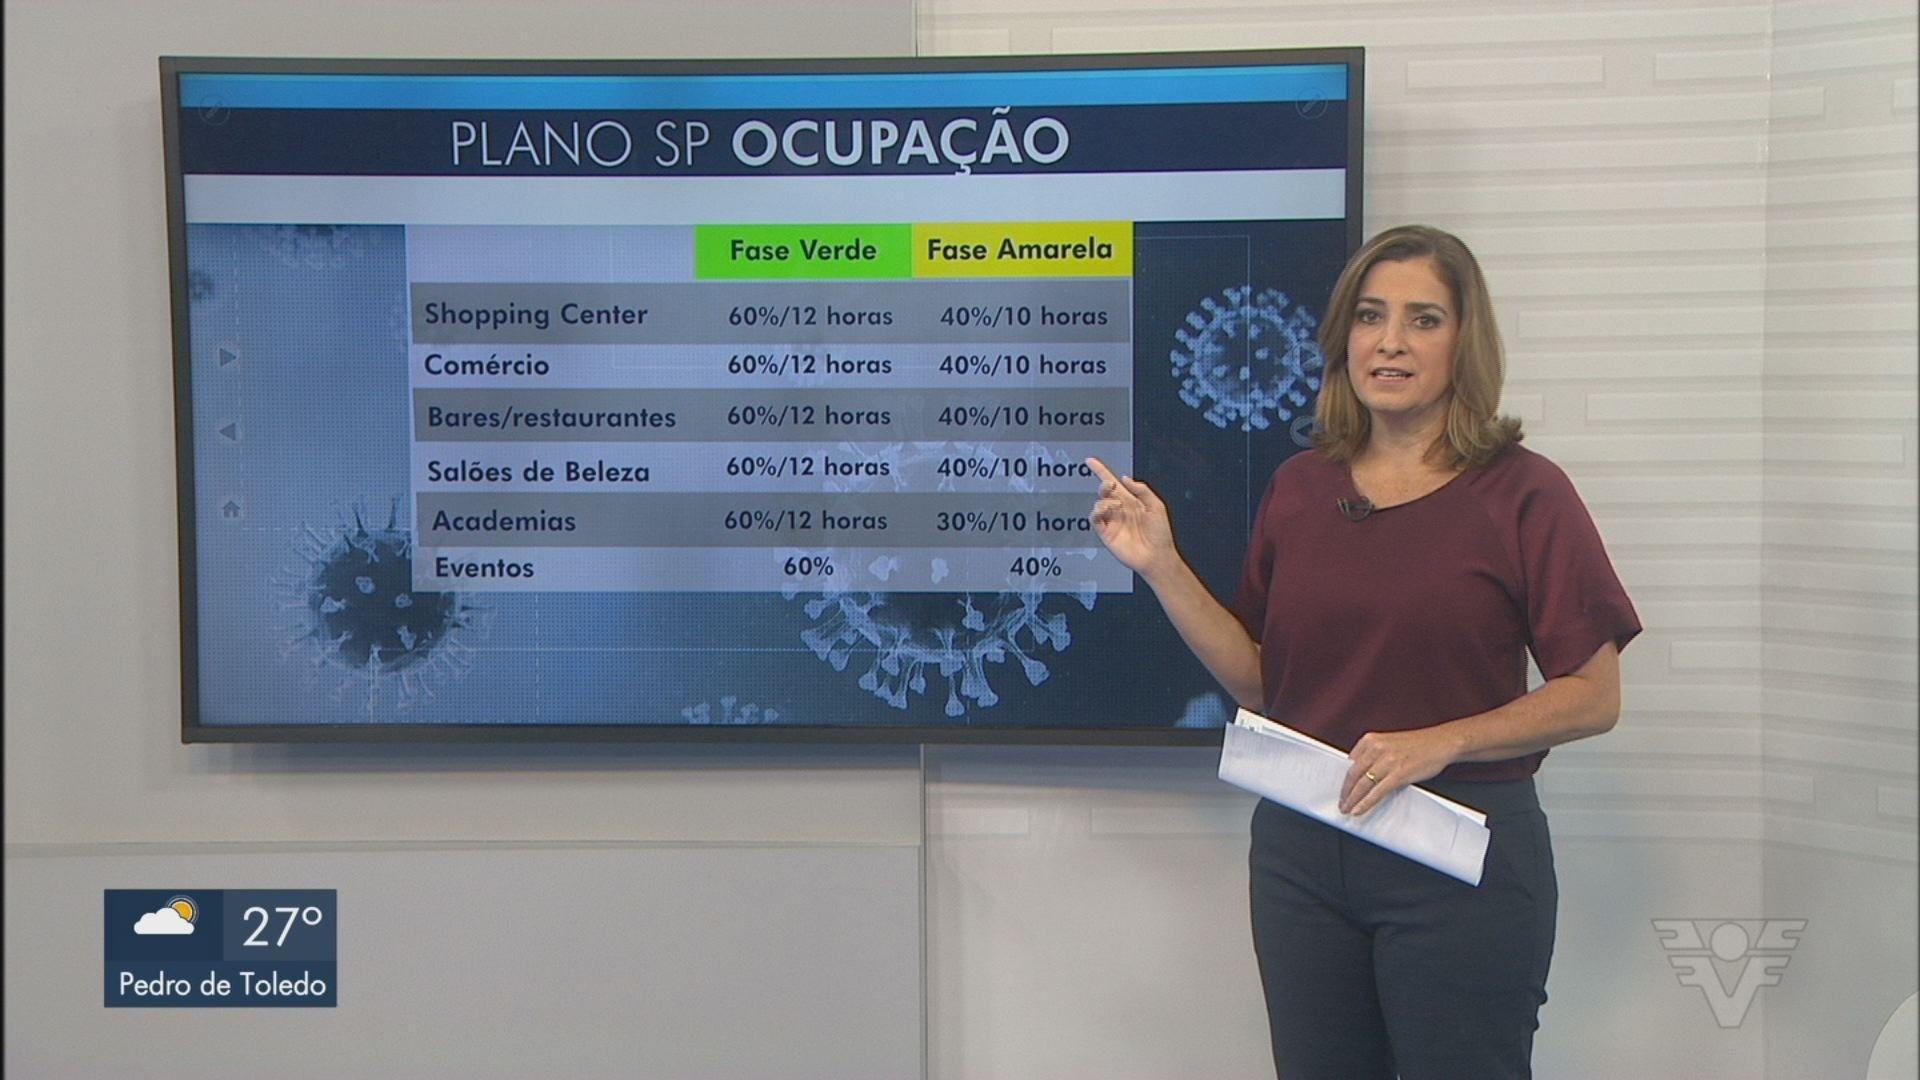 VÍDEOS: Jornal da Tribuna 2ª Edição de segunda-feira, 30 de novembro